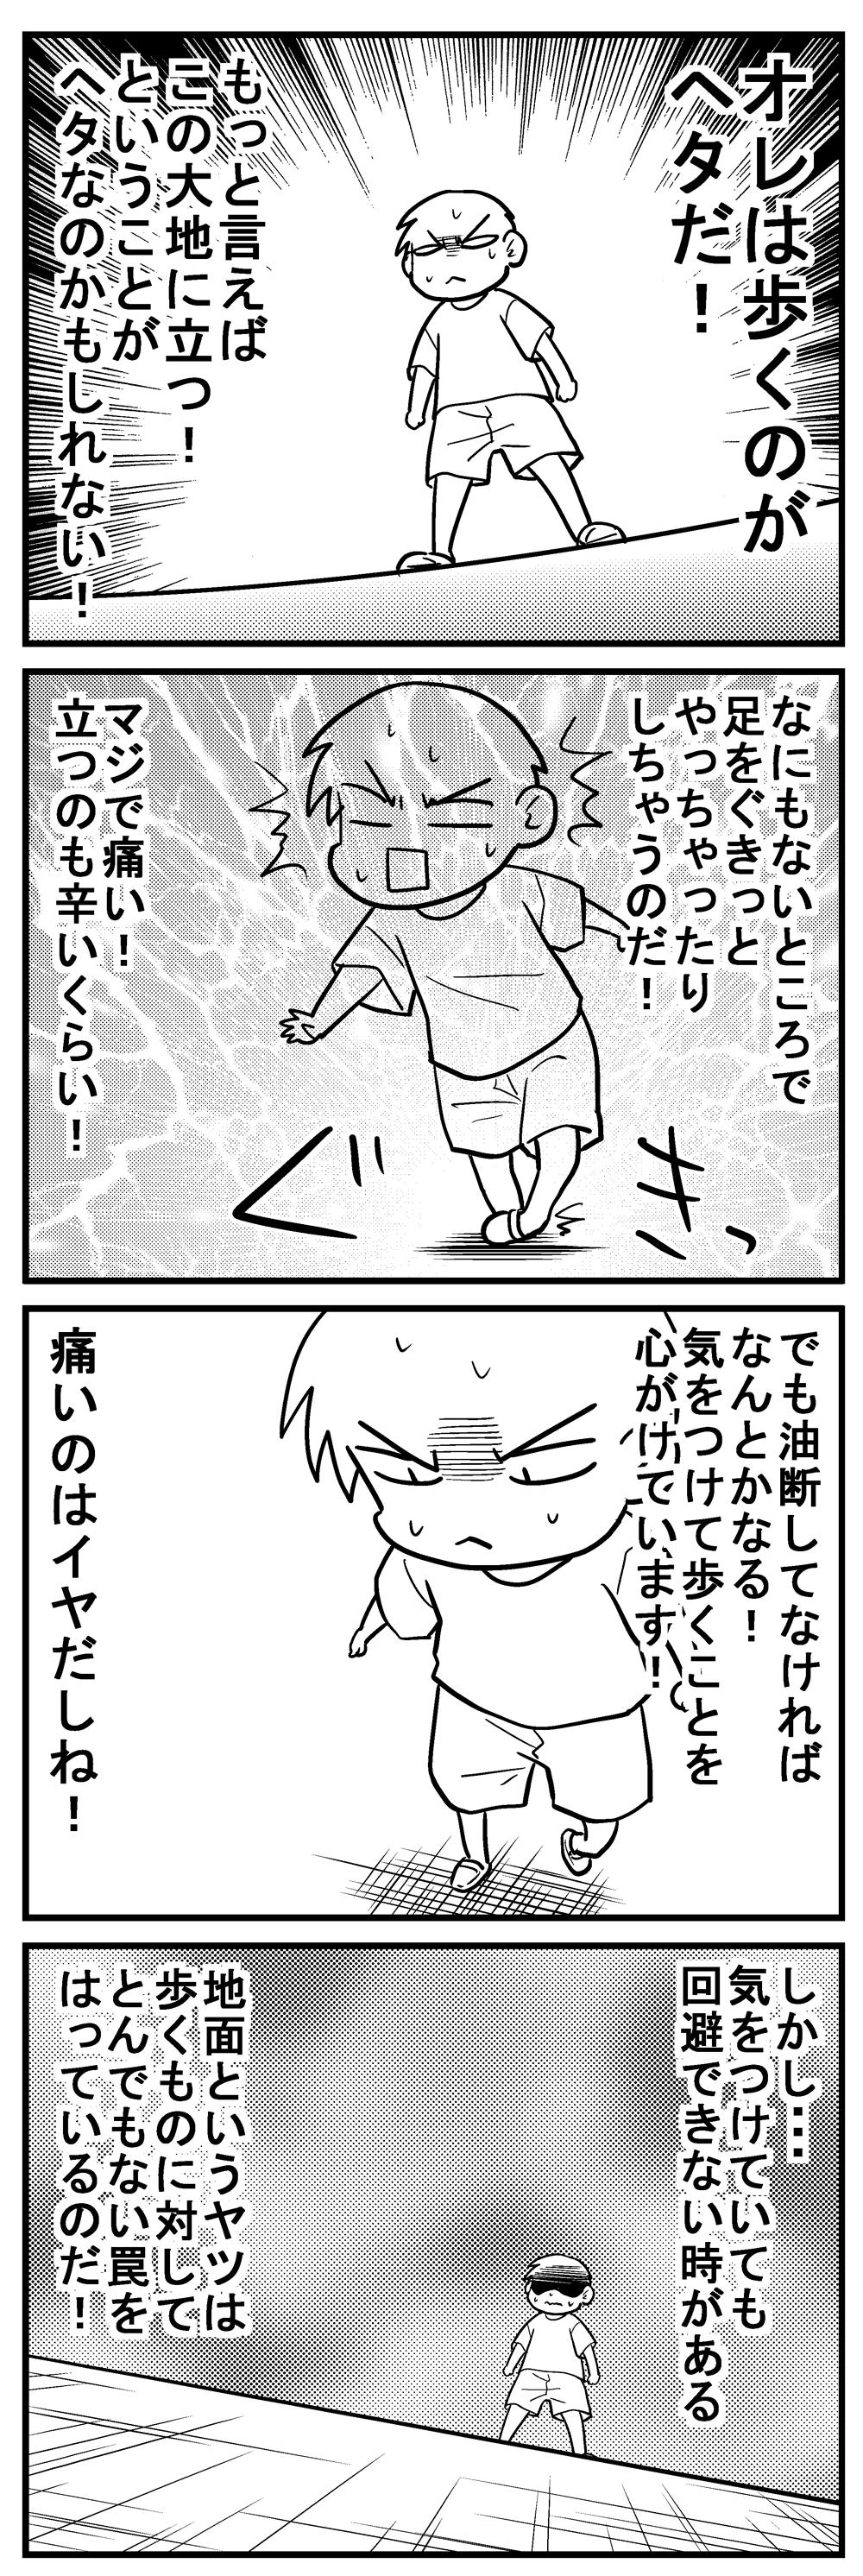 深読みくん62-1